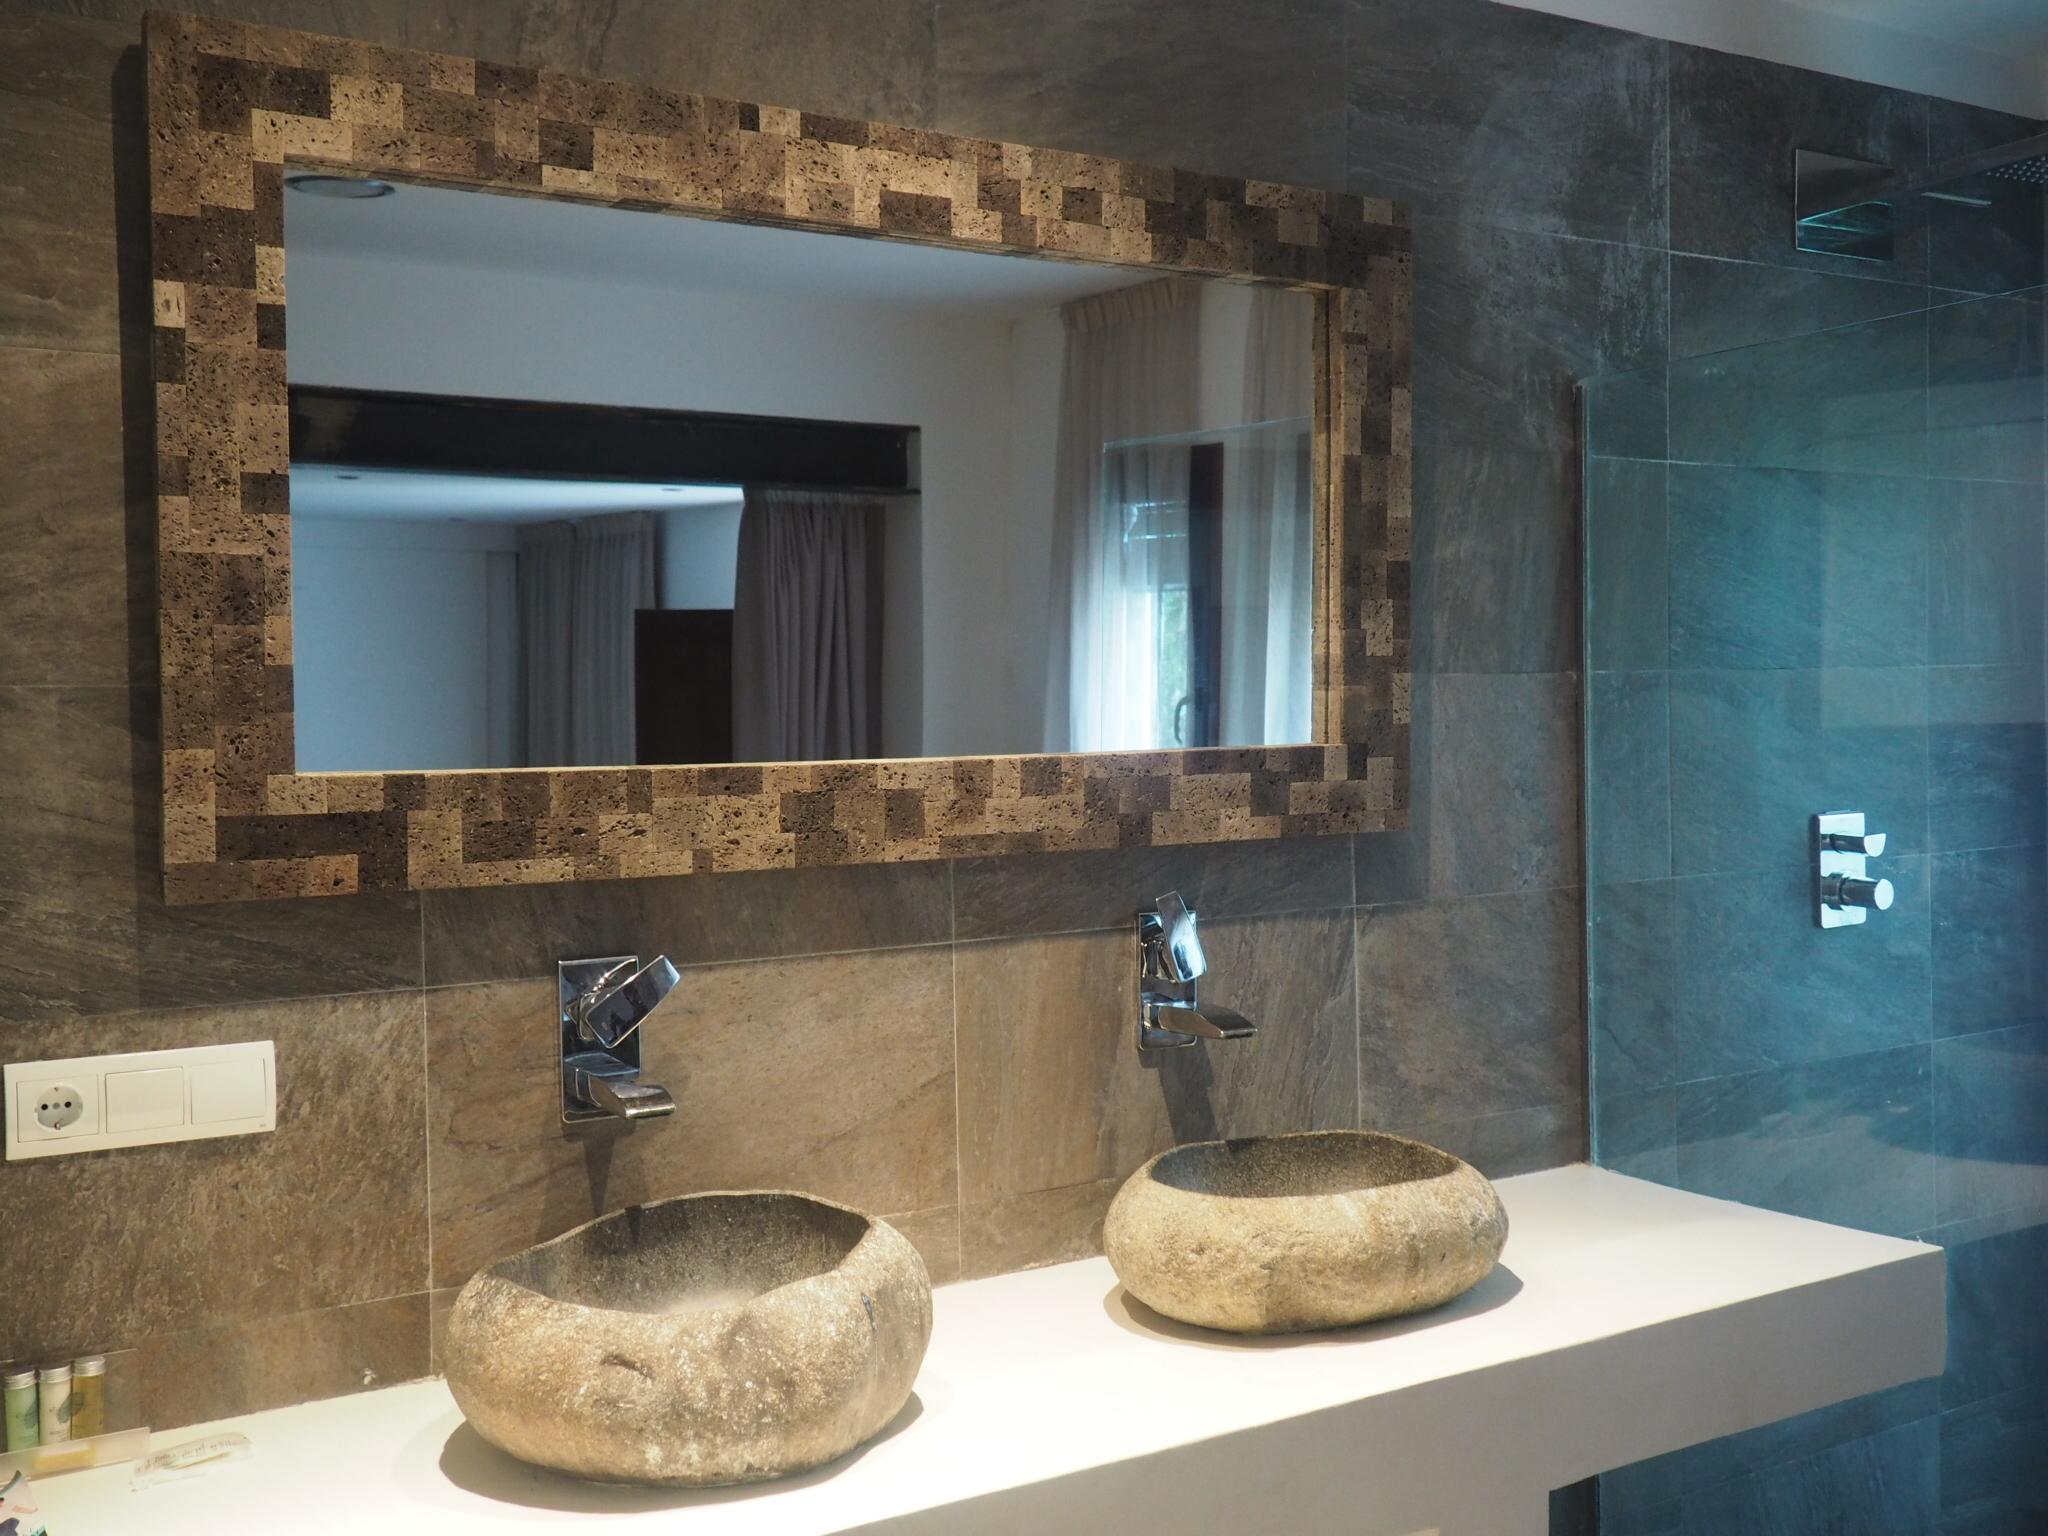 Ibizan bathroom